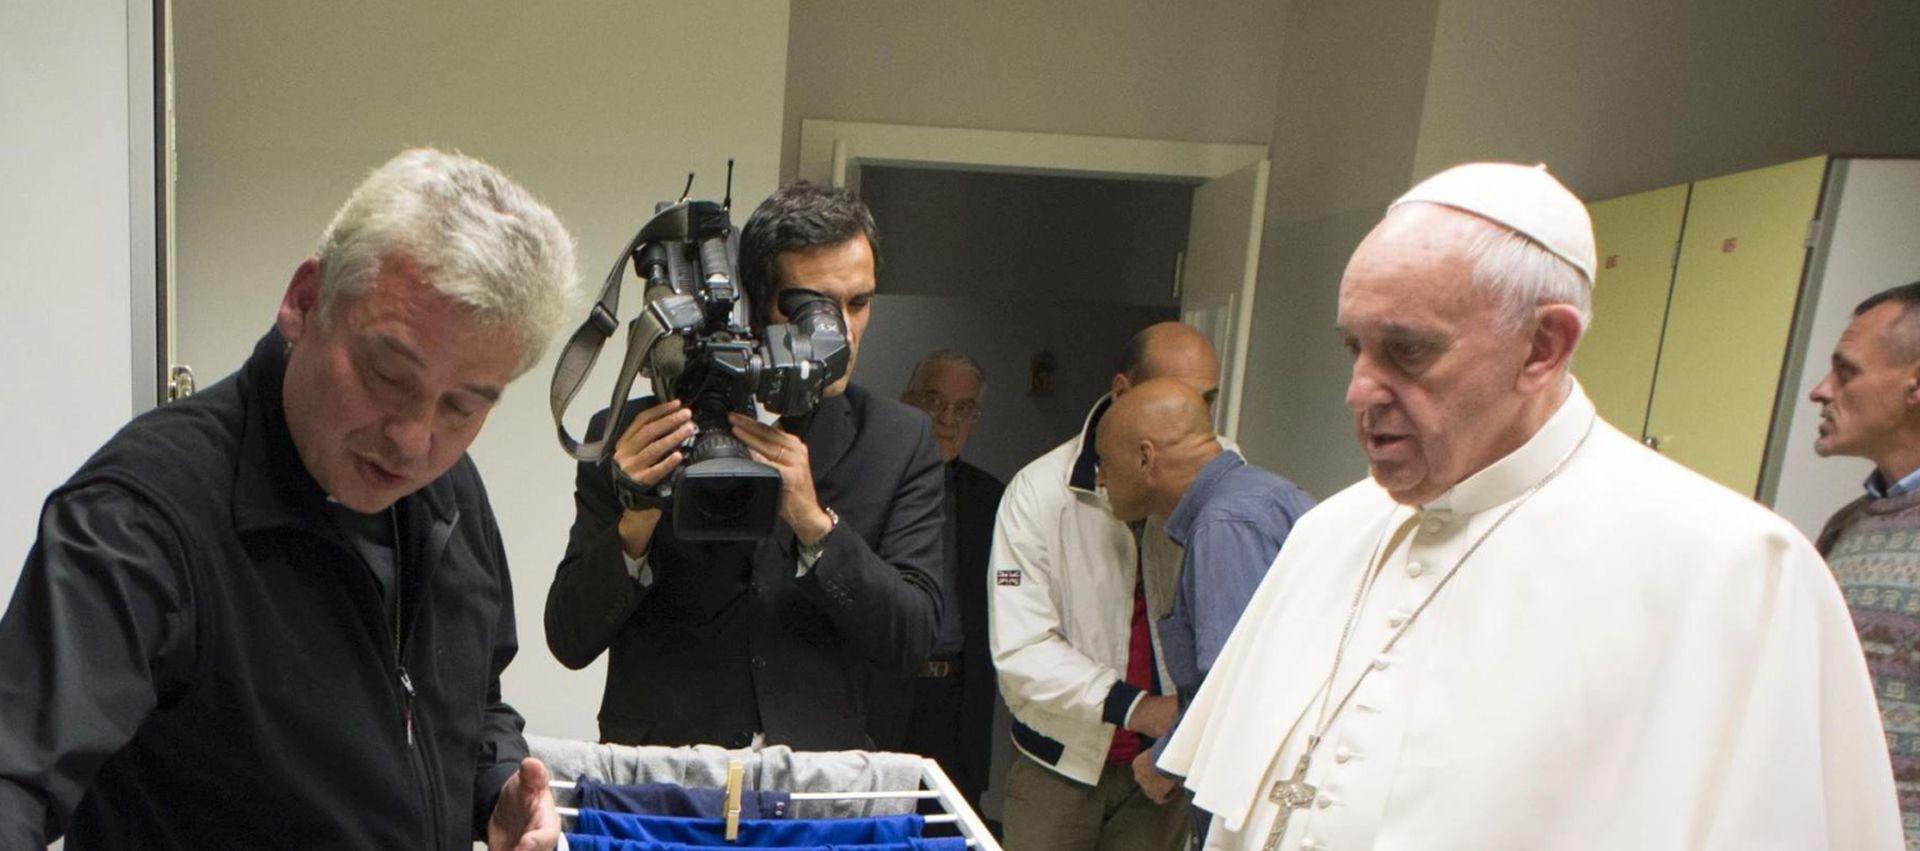 LIJEPO IZNENAĐENJE: Papa Franjo posjetom iznenadio štićenike doma za beskućnike